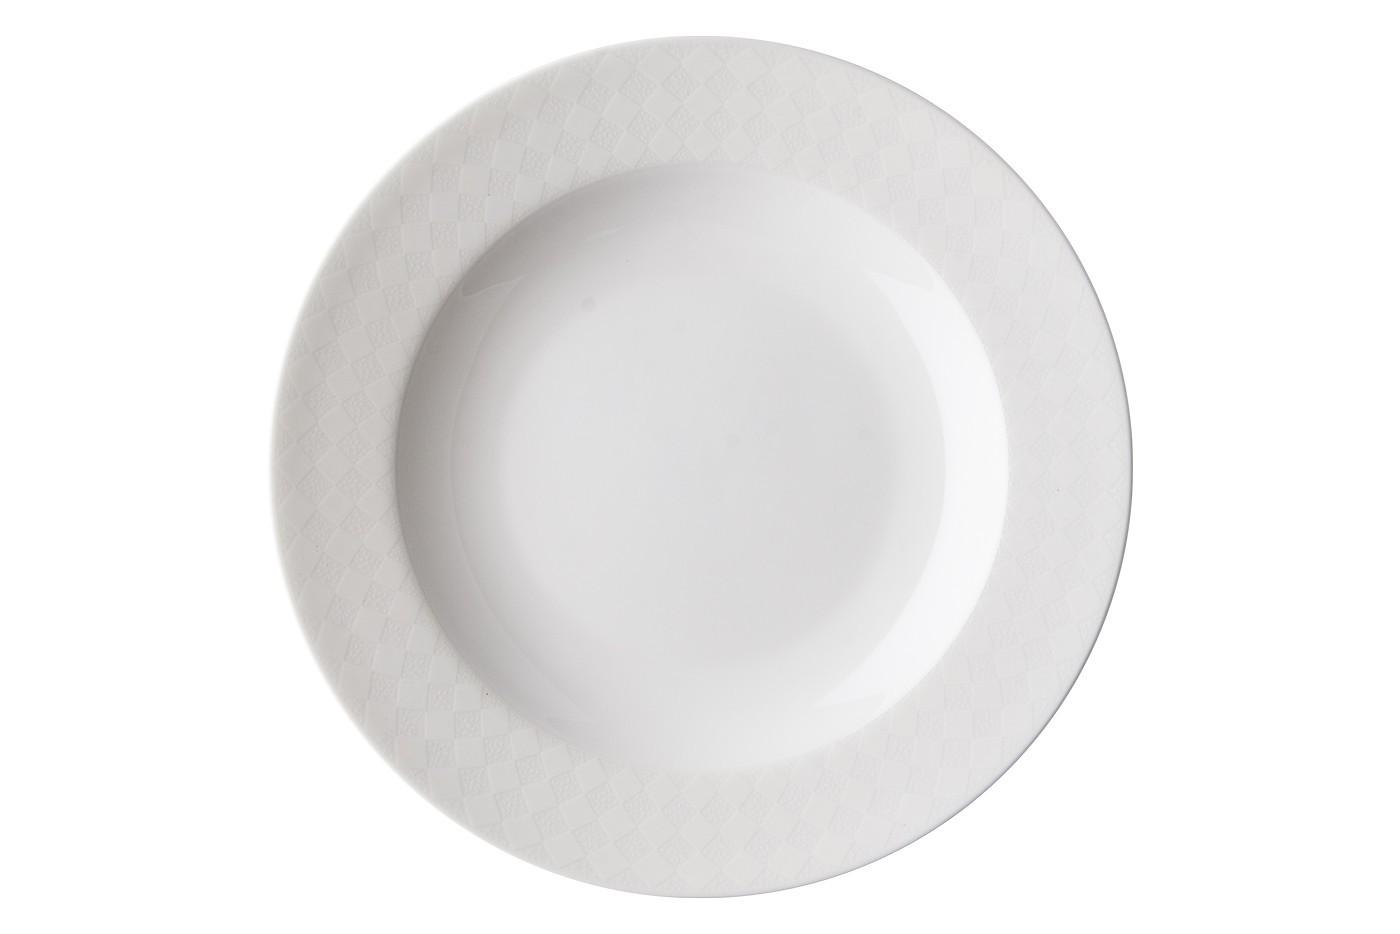 Набор из 6 тарелок Royal Aurel Честер (20см) арт.534Наборы тарелок<br>Набор из 6 тарелок Royal Aurel Честер (20см) арт.534<br>Производить посуду из фарфора начали в Китае на стыке 6-7 веков. Неустанно совершенству и селективно отбира сырье дл производства посуды из фарфора, мастерам удалось добитьс выдащихс характеристик фарфора: белизны и тонкостенности. В XV веке повилс особый интерес к китайской фарфоровой посуде, так как в то врем Европе возникла мода на самобытные китайские вещи. Роскошный китайский фарфор вллс изыском и был в новинку, потому он выступал в качестве подарка королм, а также знатным лдм. Такой дорогой подарок был очень престижен и по праву вллс литной посудой. Как известно из многочисленных исторических документов, в Европе китайские издели из фарфора ценились практически как золото. <br>Проверка изделий из костного фарфора на подлинность <br>По сравнени с производством других видов фарфора процесс производства изделий из настощего костного фарфора сложен и весьма длителен. Посуда из изщного фарфора - то литна посуда, котора всегда ассоциируетс с богатством, величием и благородством. Несмотр на небольшу толщину, фарфорова посуда - то очень прочное изделие. Дл демонстрации плотности и прочности фарфора можно легко коснутьс предметов посуды из фарфора деревнной палочкой, и тогда мы услушим характерный металлический звон. В составе фарфоровой посуды присутствует костна зола, благодар чему она может быть намного тоньше (не более 2,5 мм) и легче твердого или мгкого фарфора. Безупречна белизна - клчевой признак отличи такого фарфора от других. Цвет обычного фарфора сероватый или ближе к голубоватому, а костной фарфор будет всегда будет молочно-белого цвета. Характерна и немаловажна деталь - то невесома прозрачность изделий из фарфора така, что сквозь него проходит свет.<br>